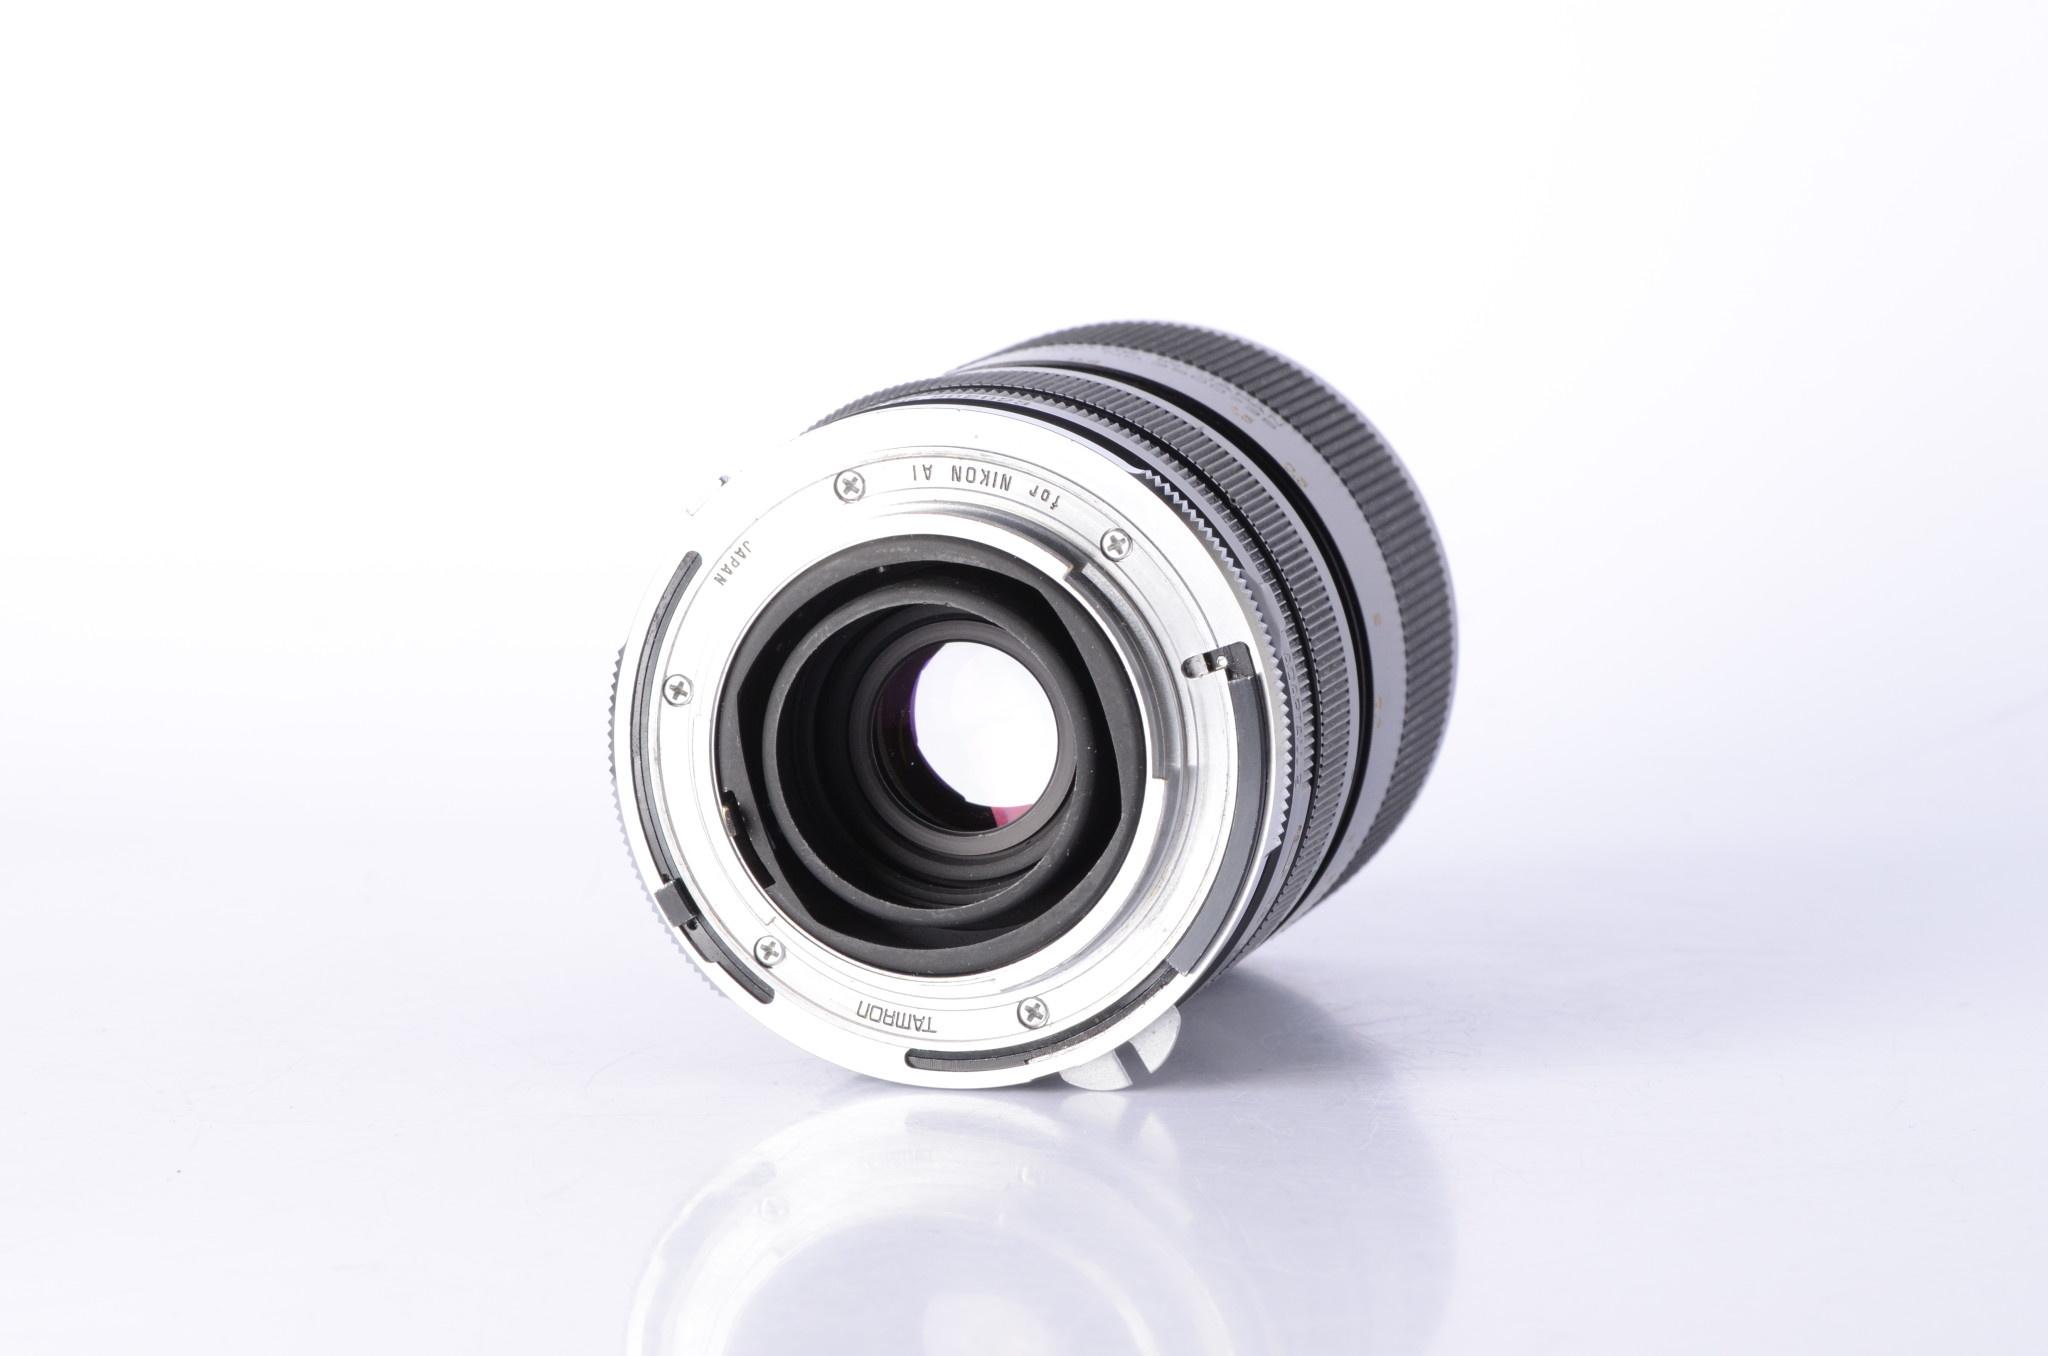 Tamron Tamron Adaptall 35-80mm f/2.8-3.8 SN: 902023 *